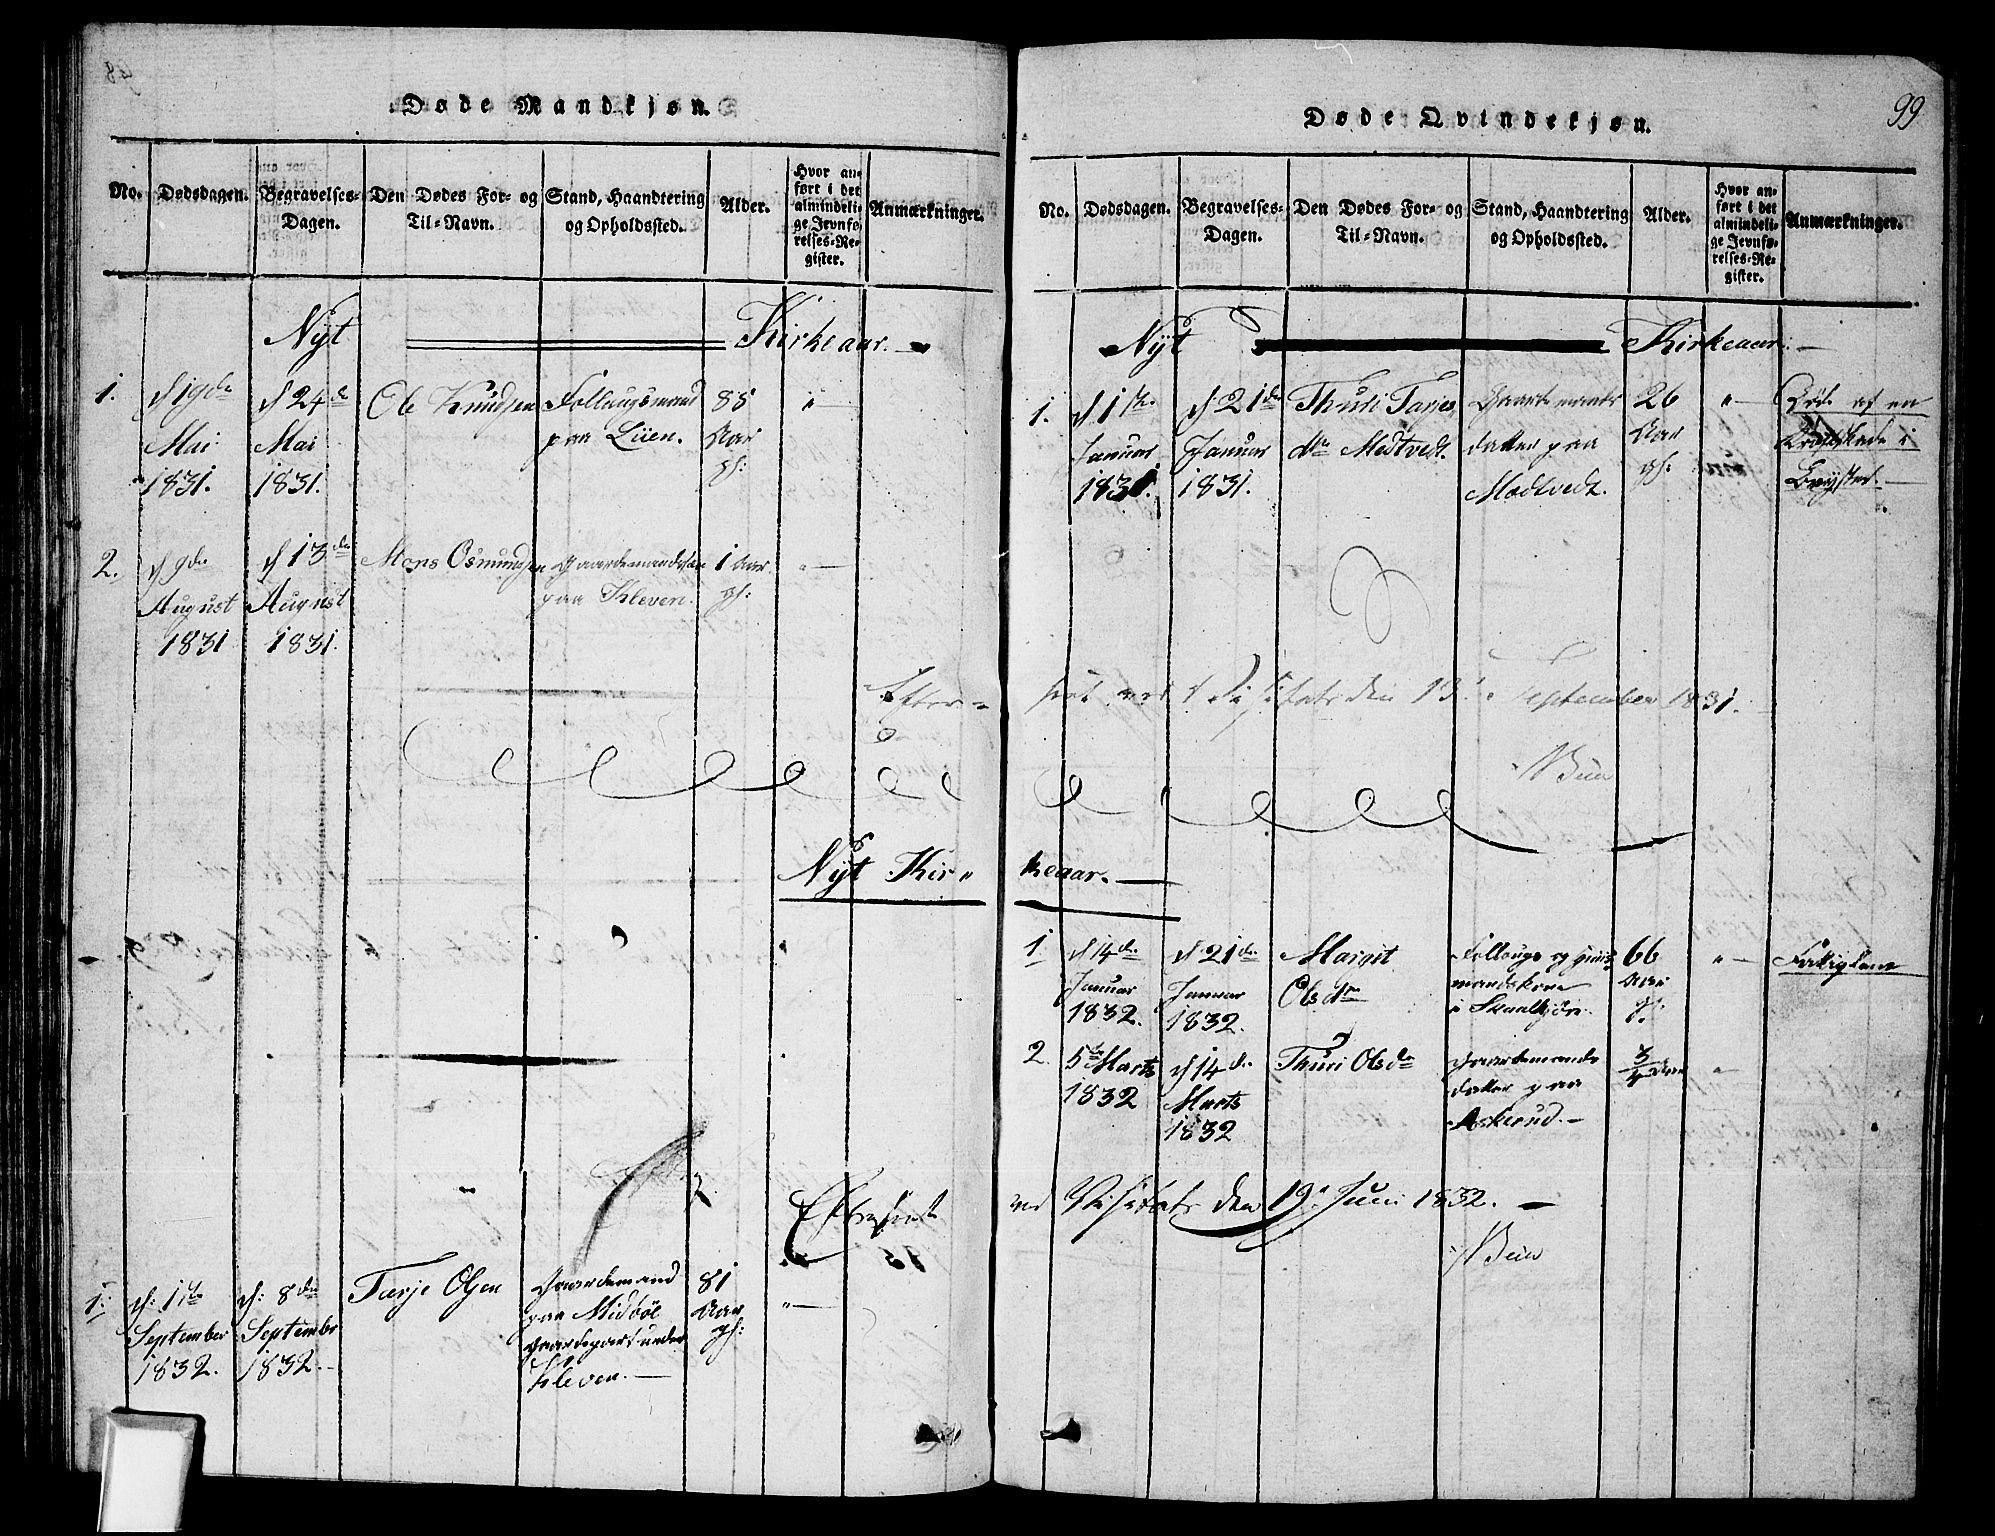 SAKO, Fyresdal kirkebøker, G/Ga/L0002: Klokkerbok nr. I 2, 1815-1857, s. 99